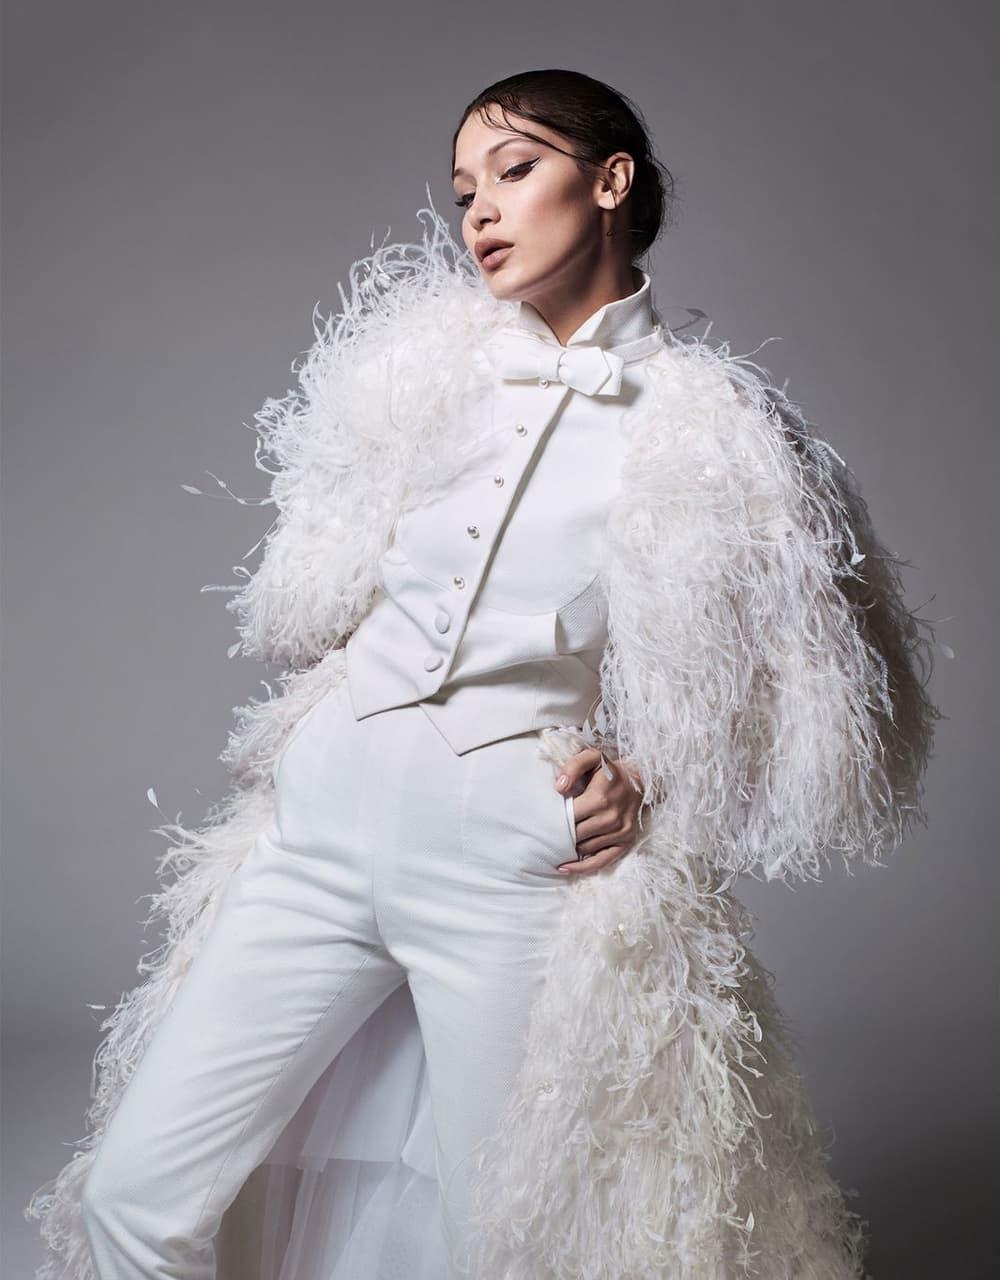 Bella Hadid Harper's Bazaar June July 2018 Chanel Haute Couture White Suit